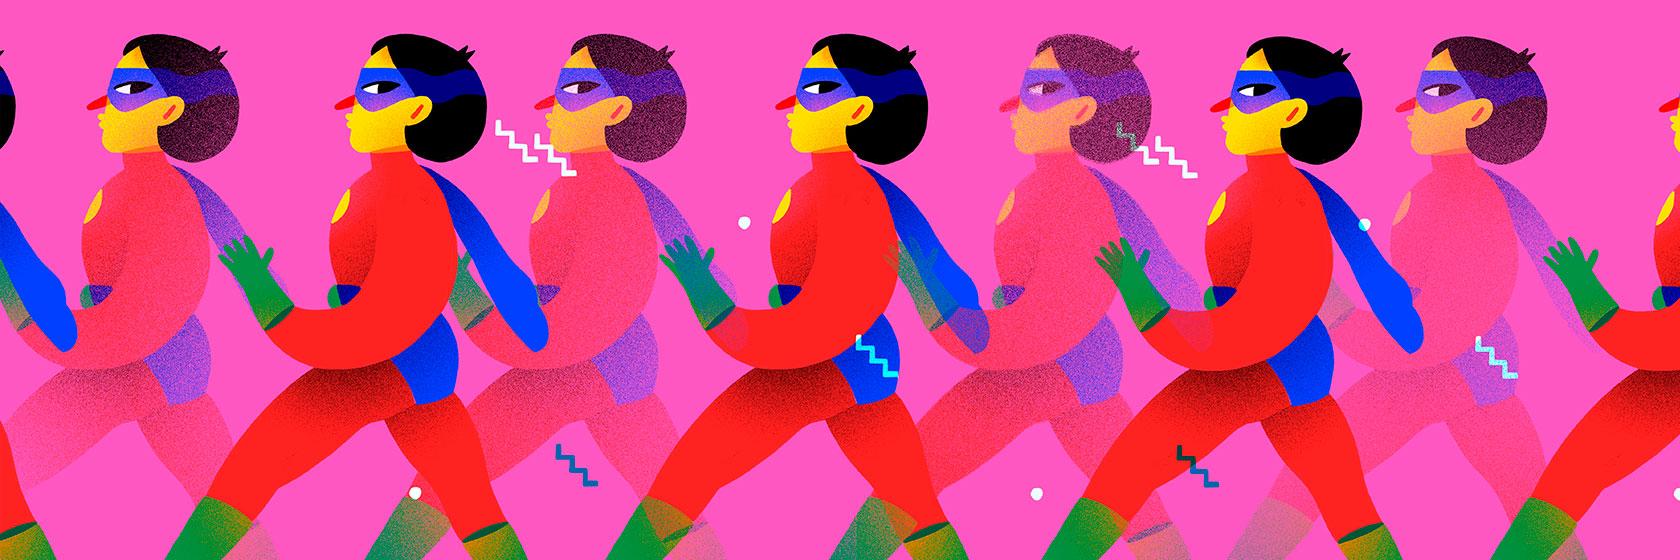 SÚPER-SALUDABLES, un trabajo fin de estudios de Cynthia Álvarez